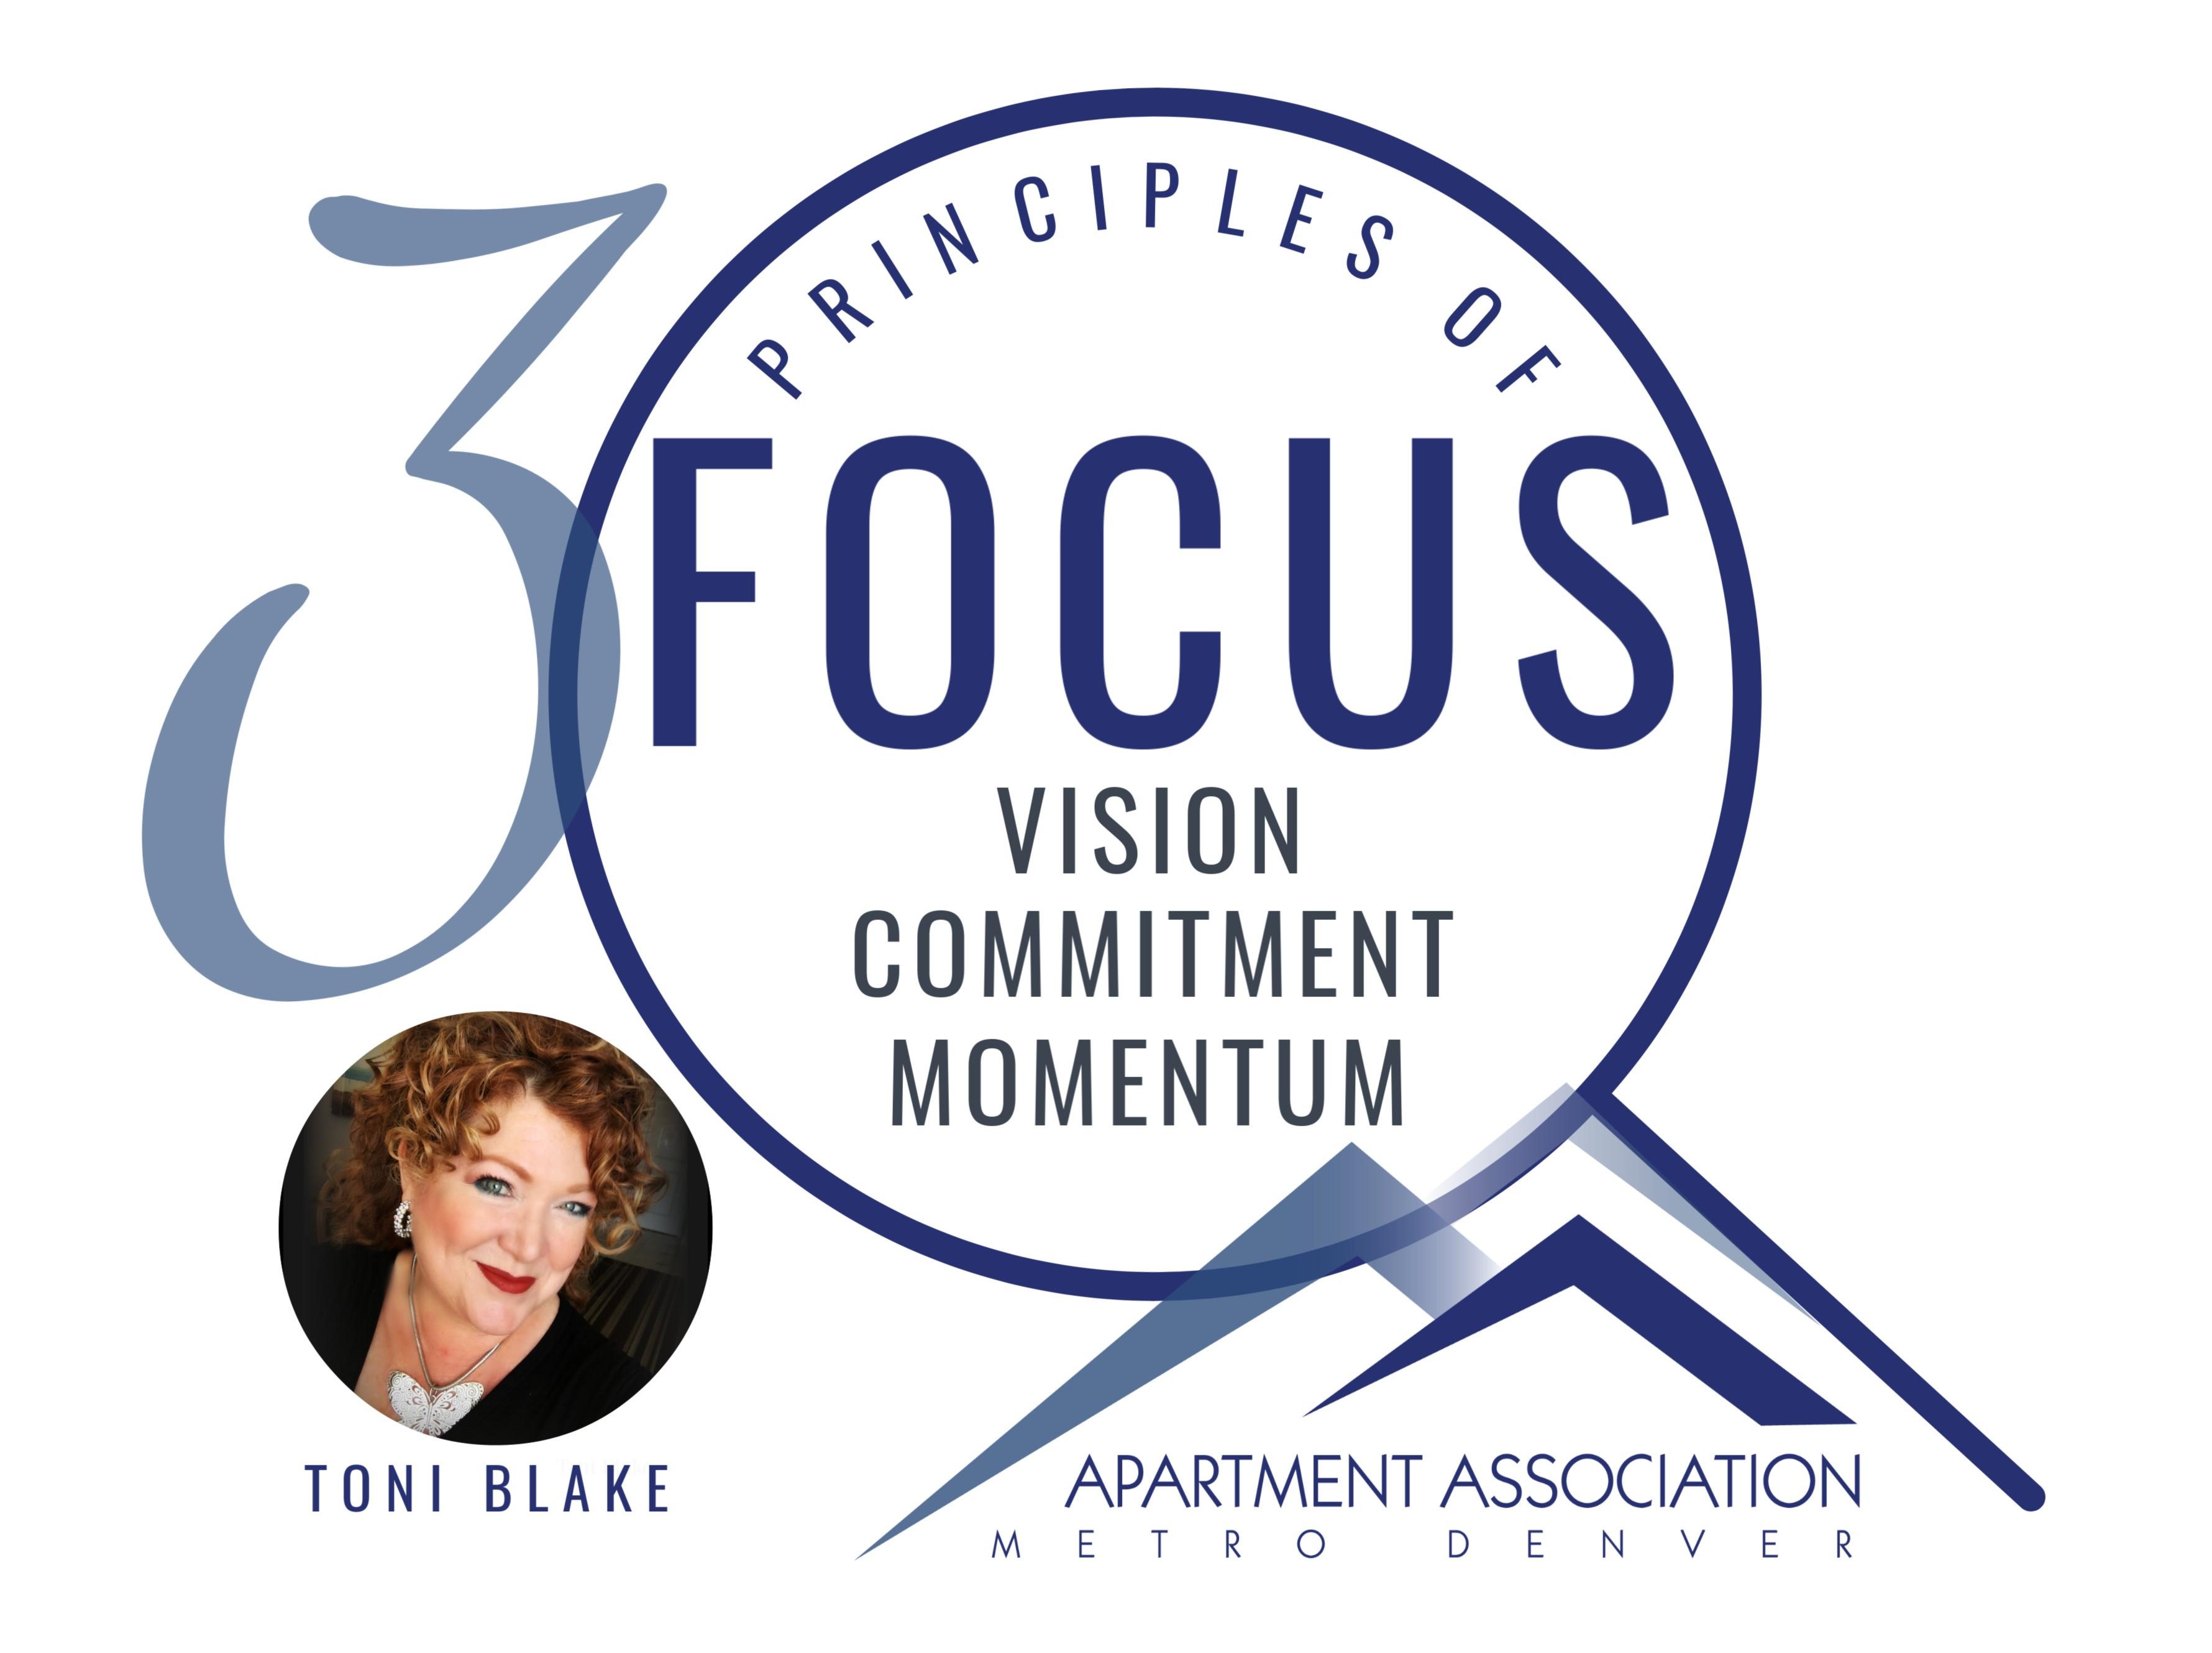 3_Principles_Focus